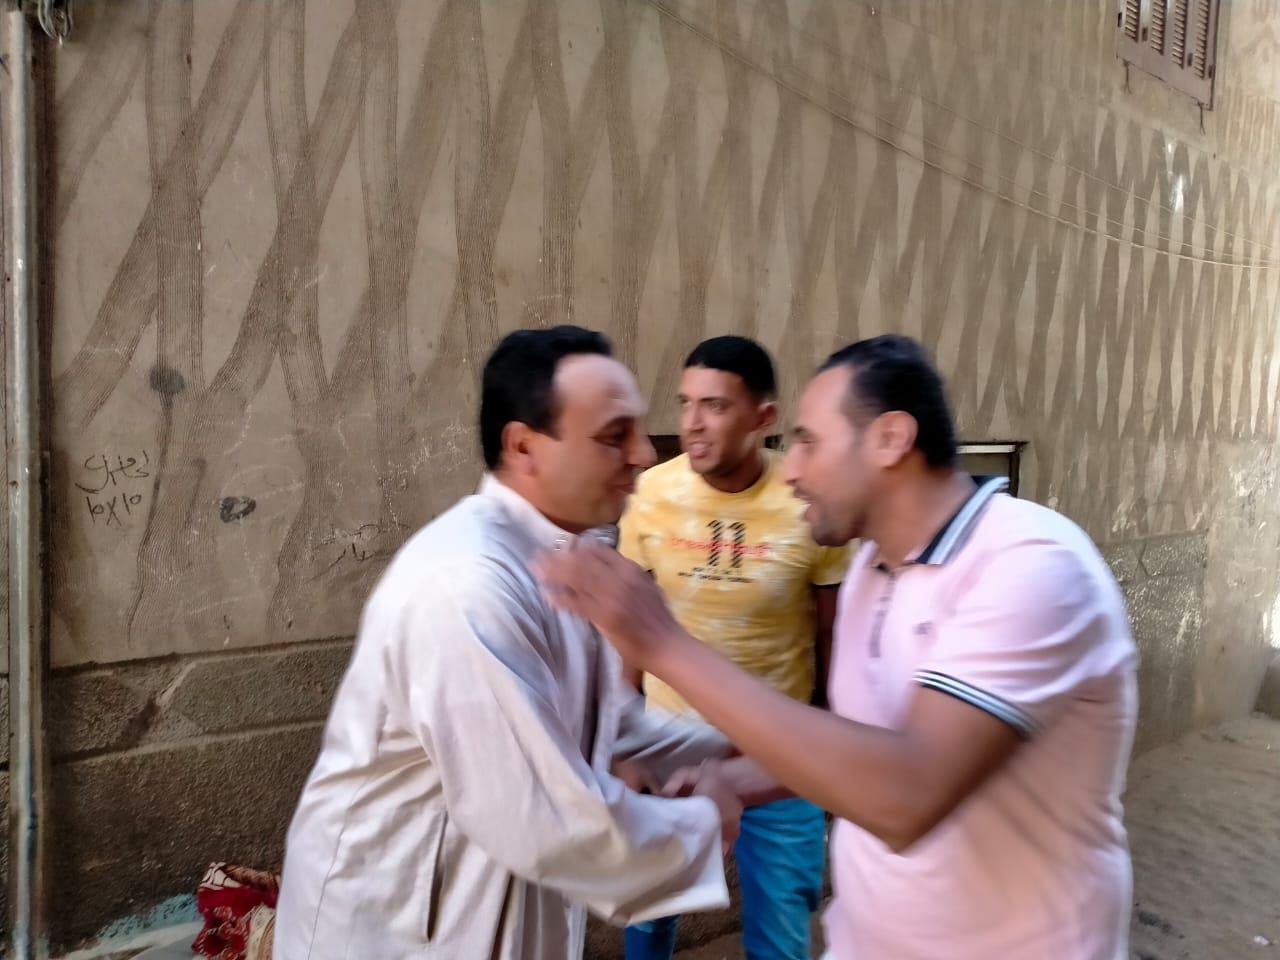 أبناء قرية الروضة يواصلون الاحتفاء بعد صلاة الجمعة بابنهم العائد بعد ال12 يوم من الاحتطاف